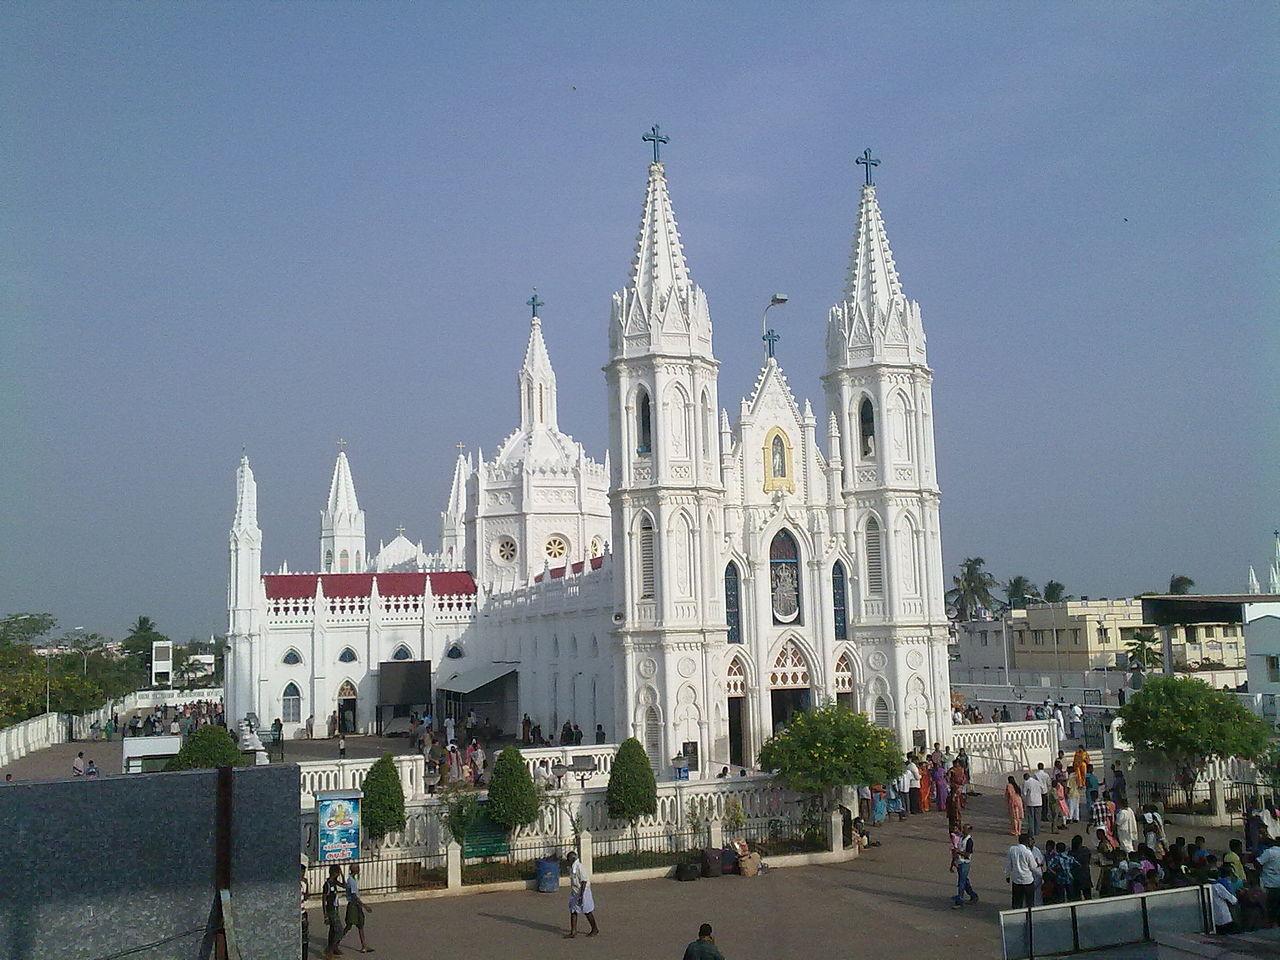 Architecture of the Velankanni Church, Velankanni, Tamil Nadu